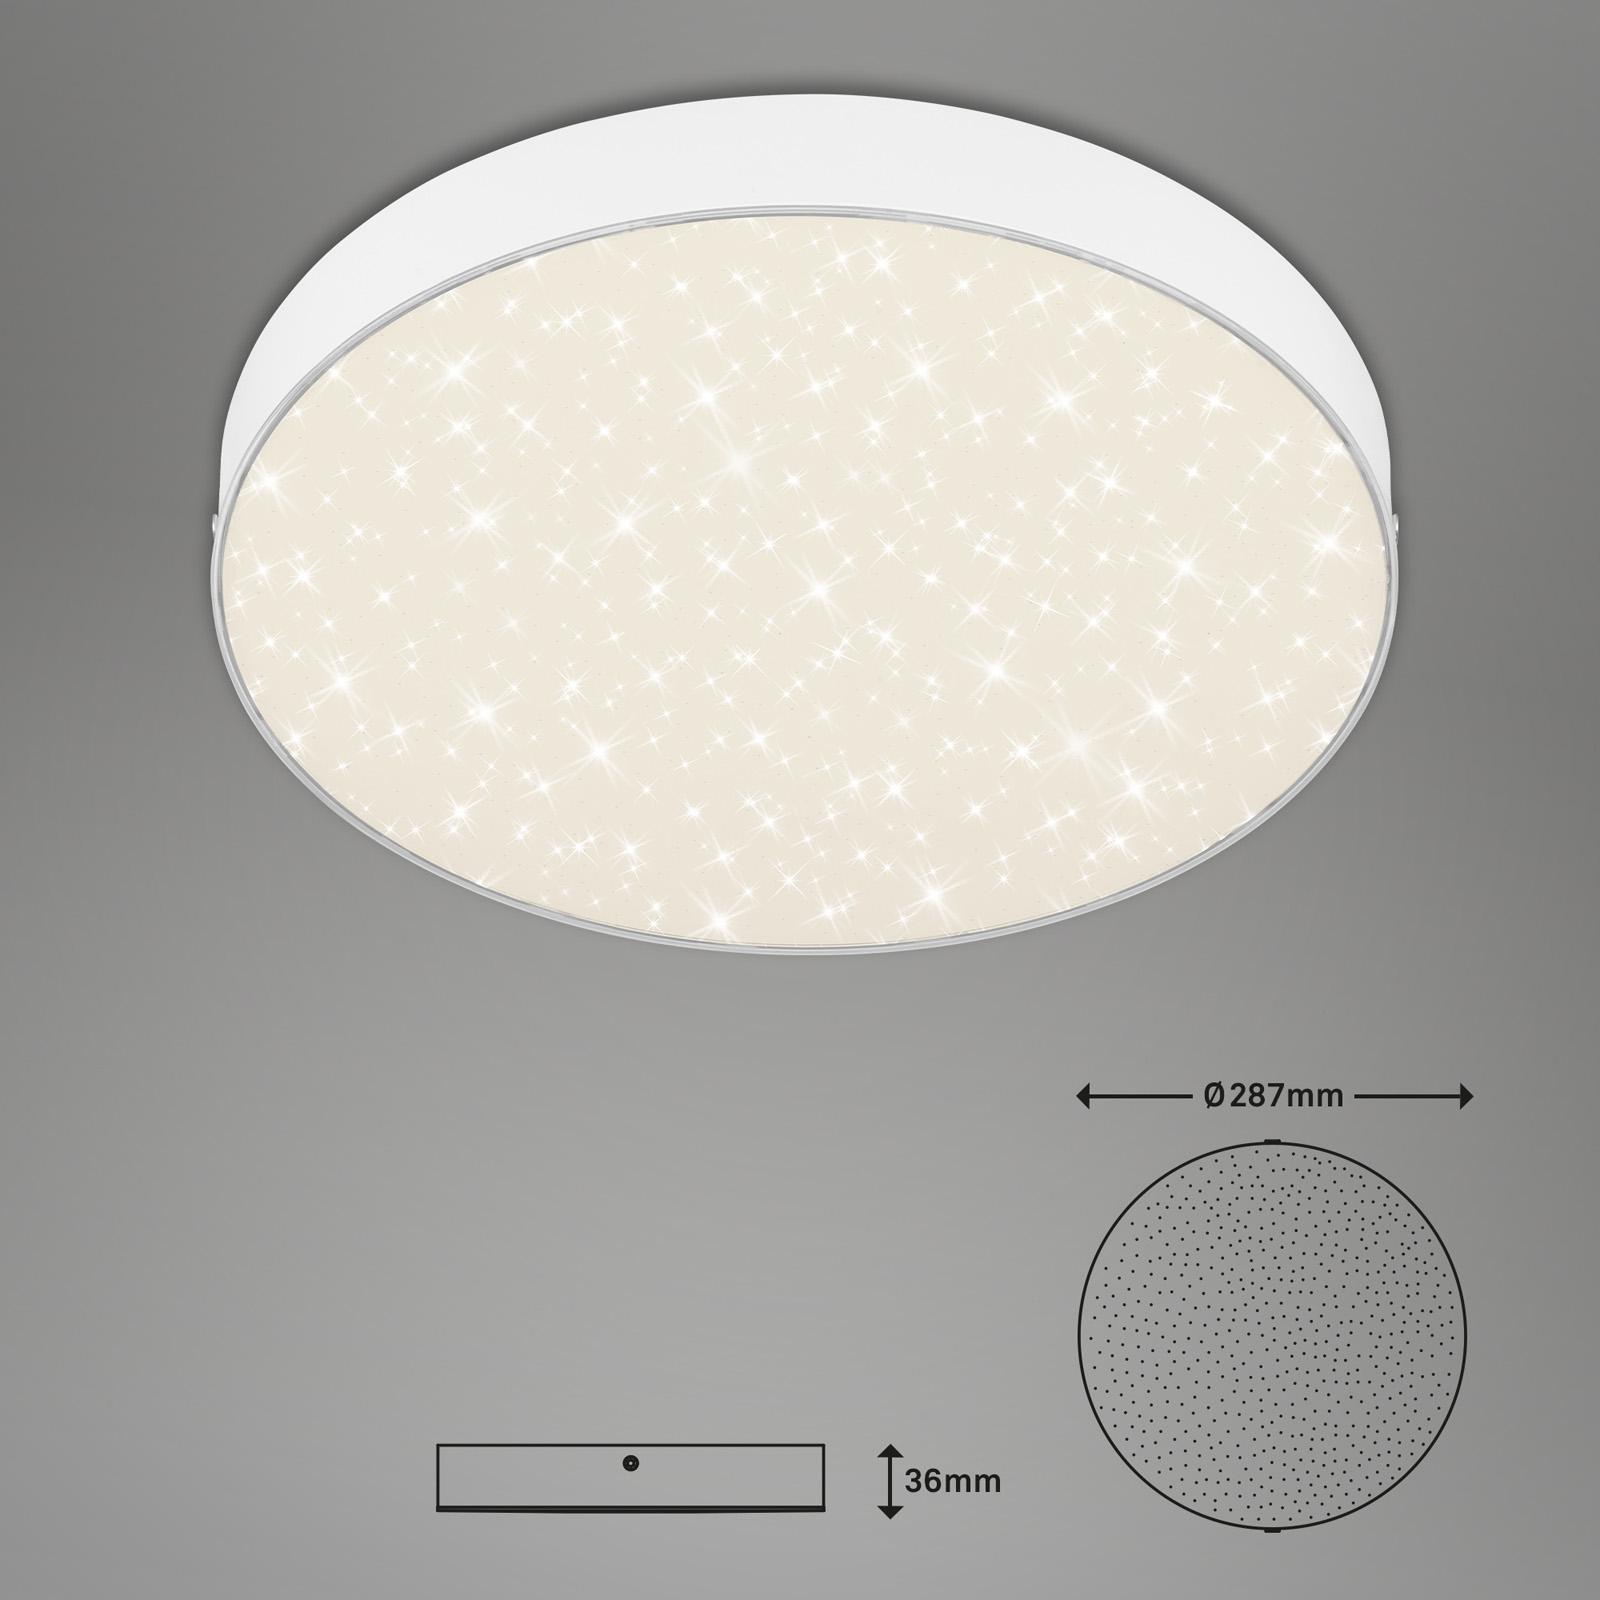 Sternenhimmel LED Deckenleuchte weiß Abmessung